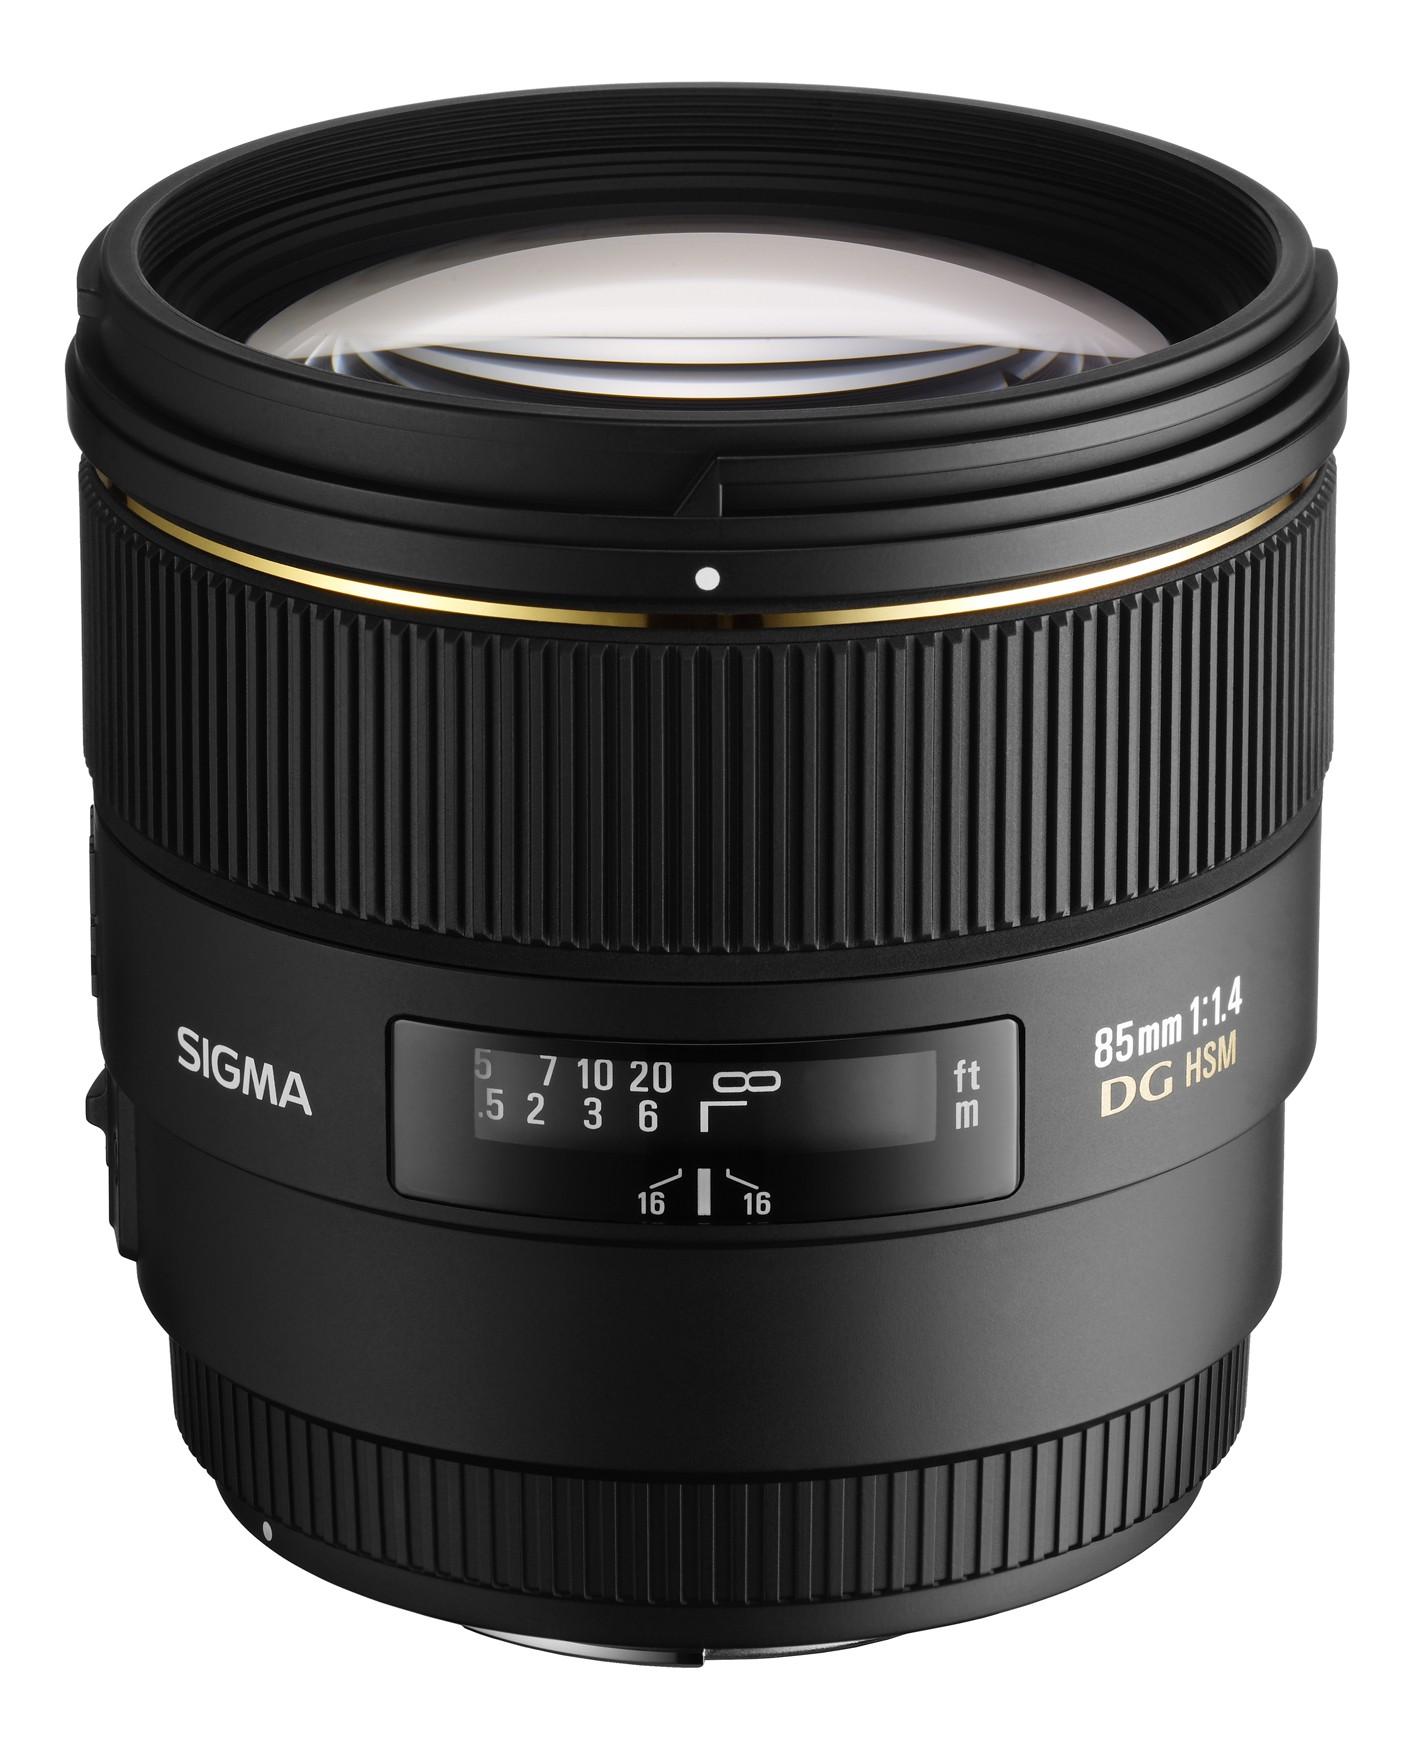 Sigma 85mm F1.4 EX DG HSM vista lente